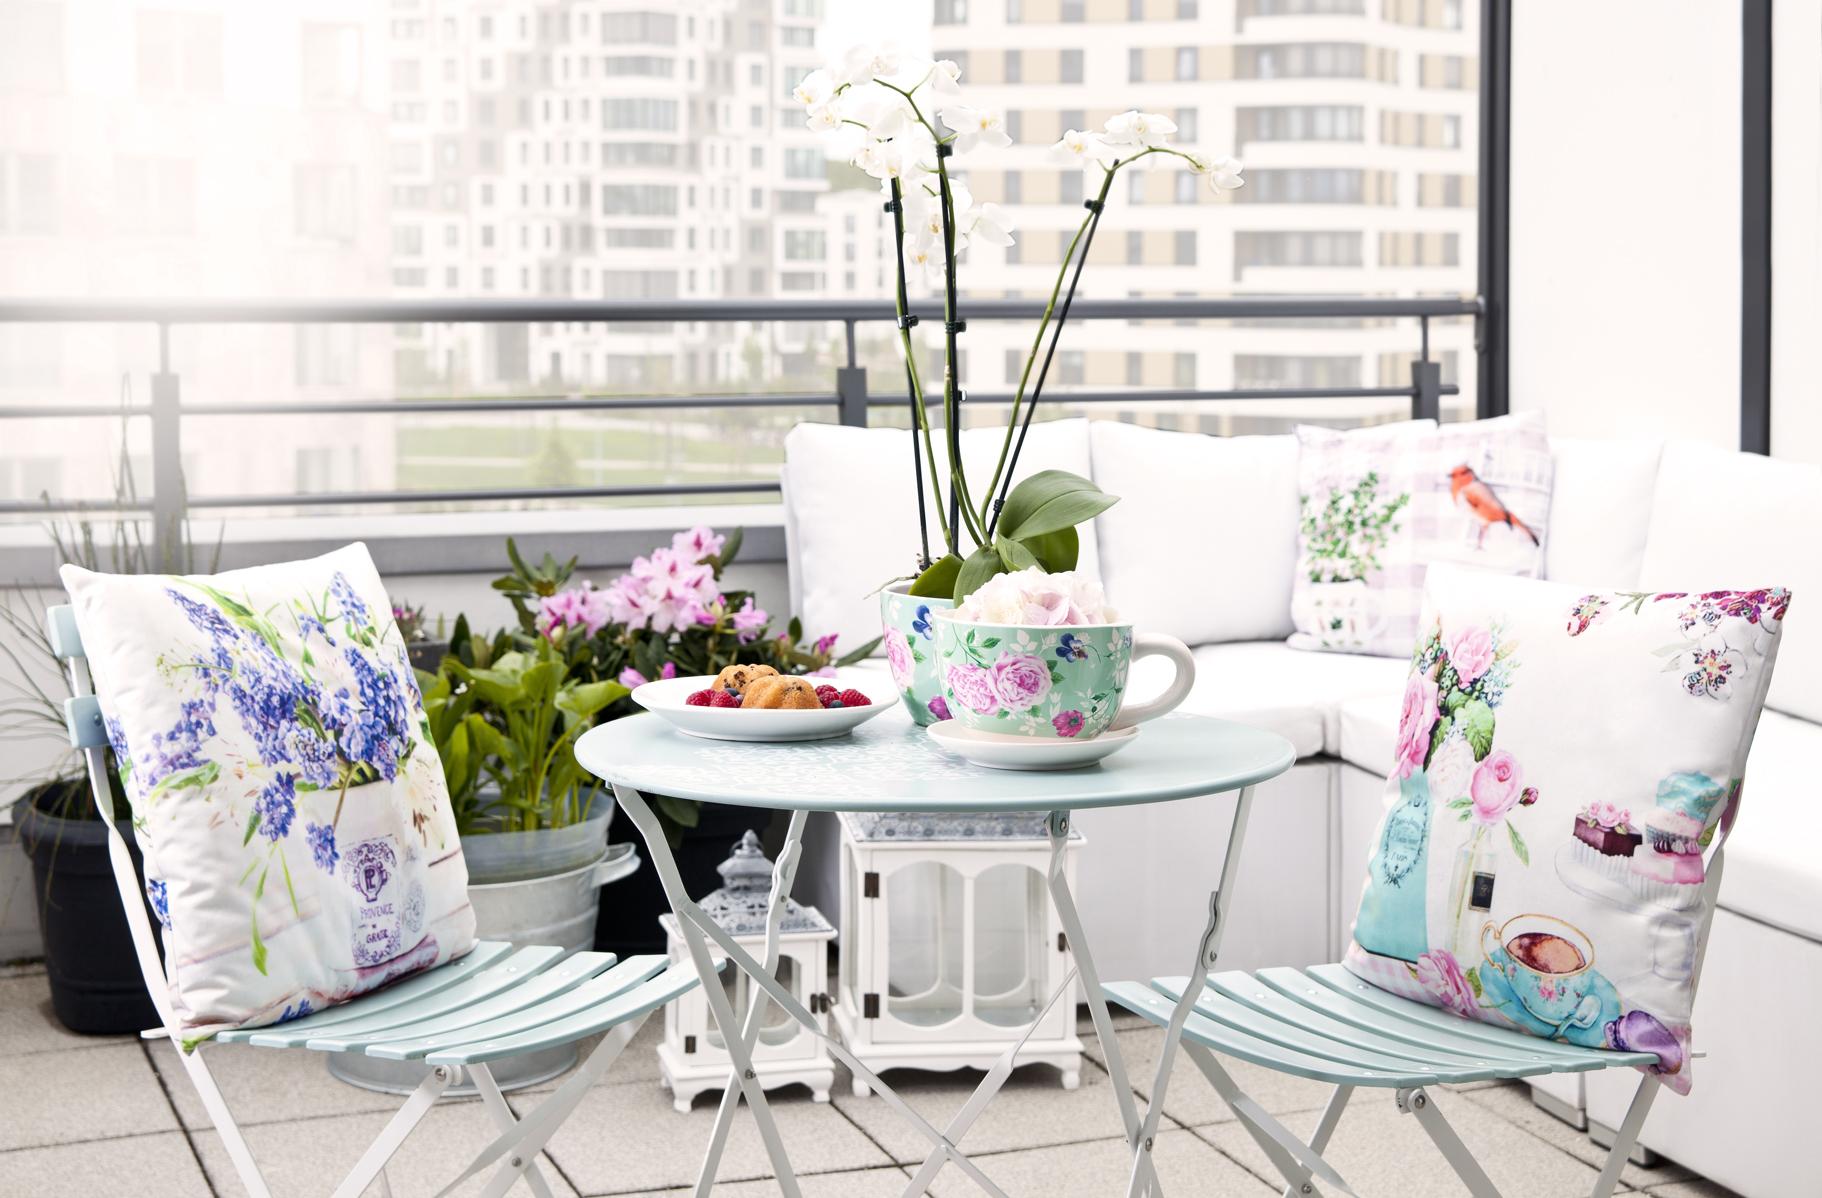 """Стулья и стол на балконе"""" - карточка пользователя nastena.gg."""